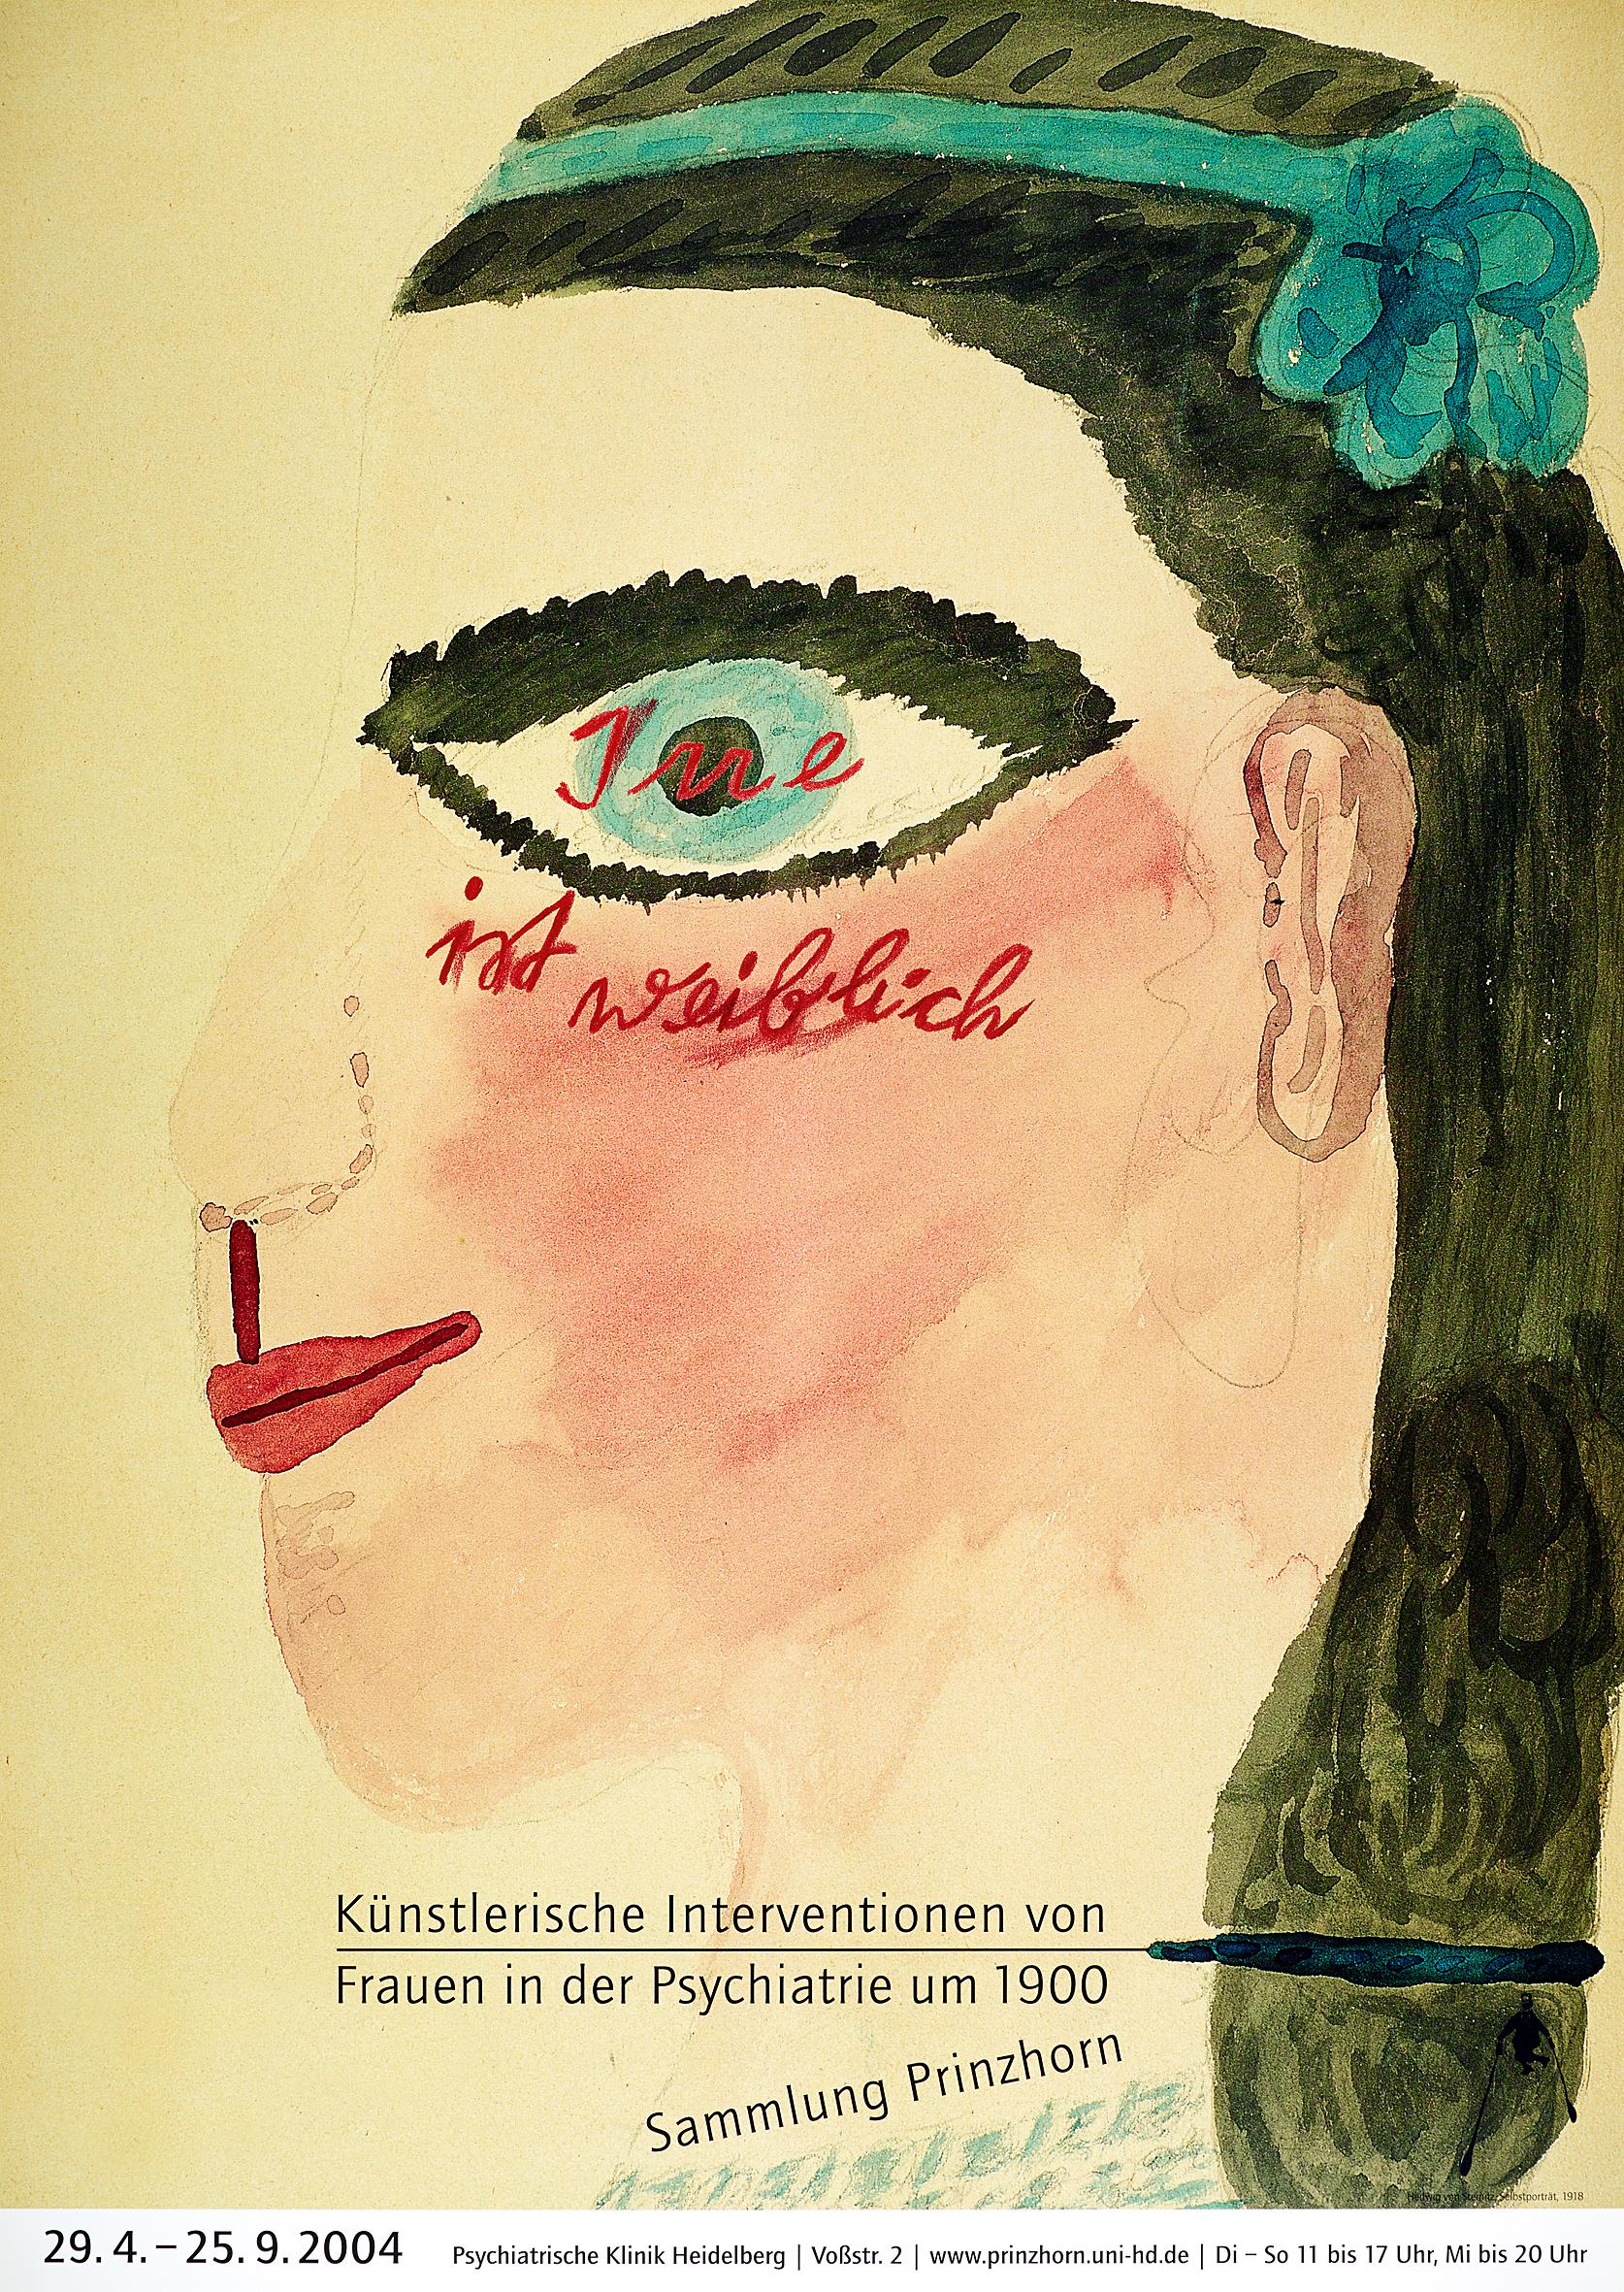 Emil Siemeister. Irre ist weiblich ... Sammlung Prinzhorn, 2004. Heidelberg, 2004. © Emil Siemeister, Museum Folkwang, Essen